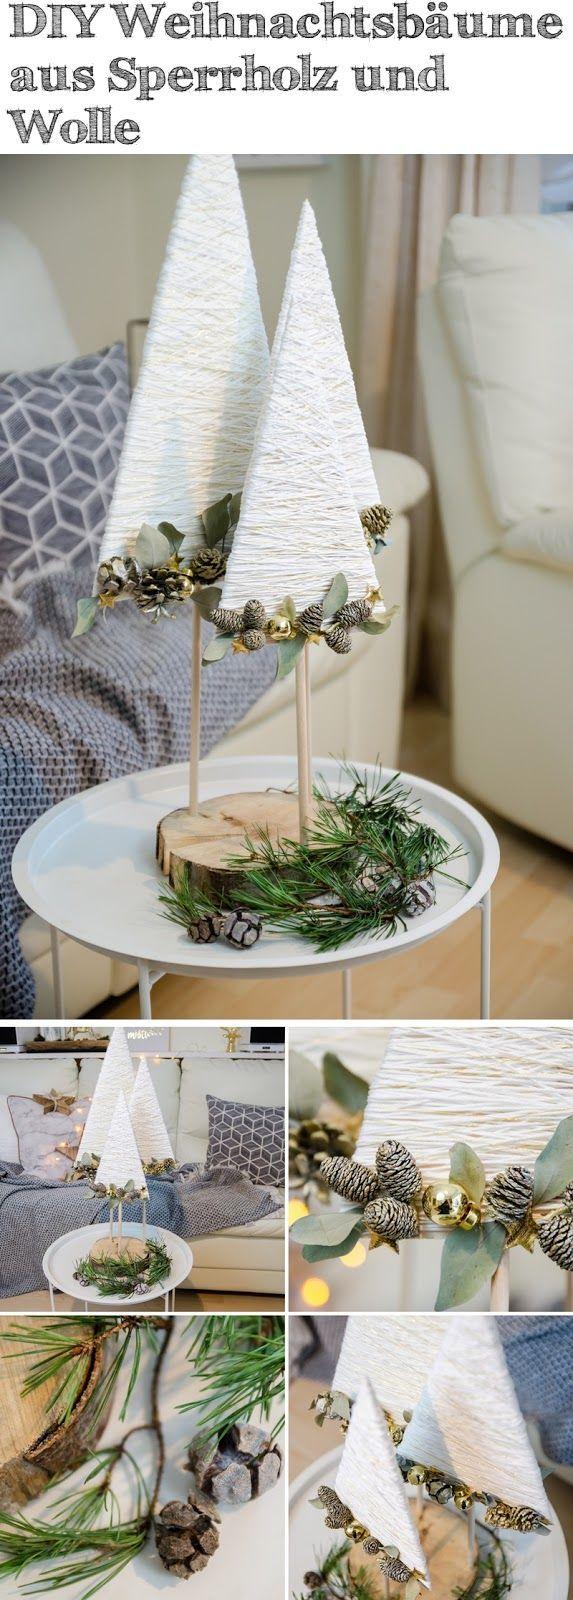 diy weihnachtsb ume aus sperrholz wolle und golddraht. Black Bedroom Furniture Sets. Home Design Ideas